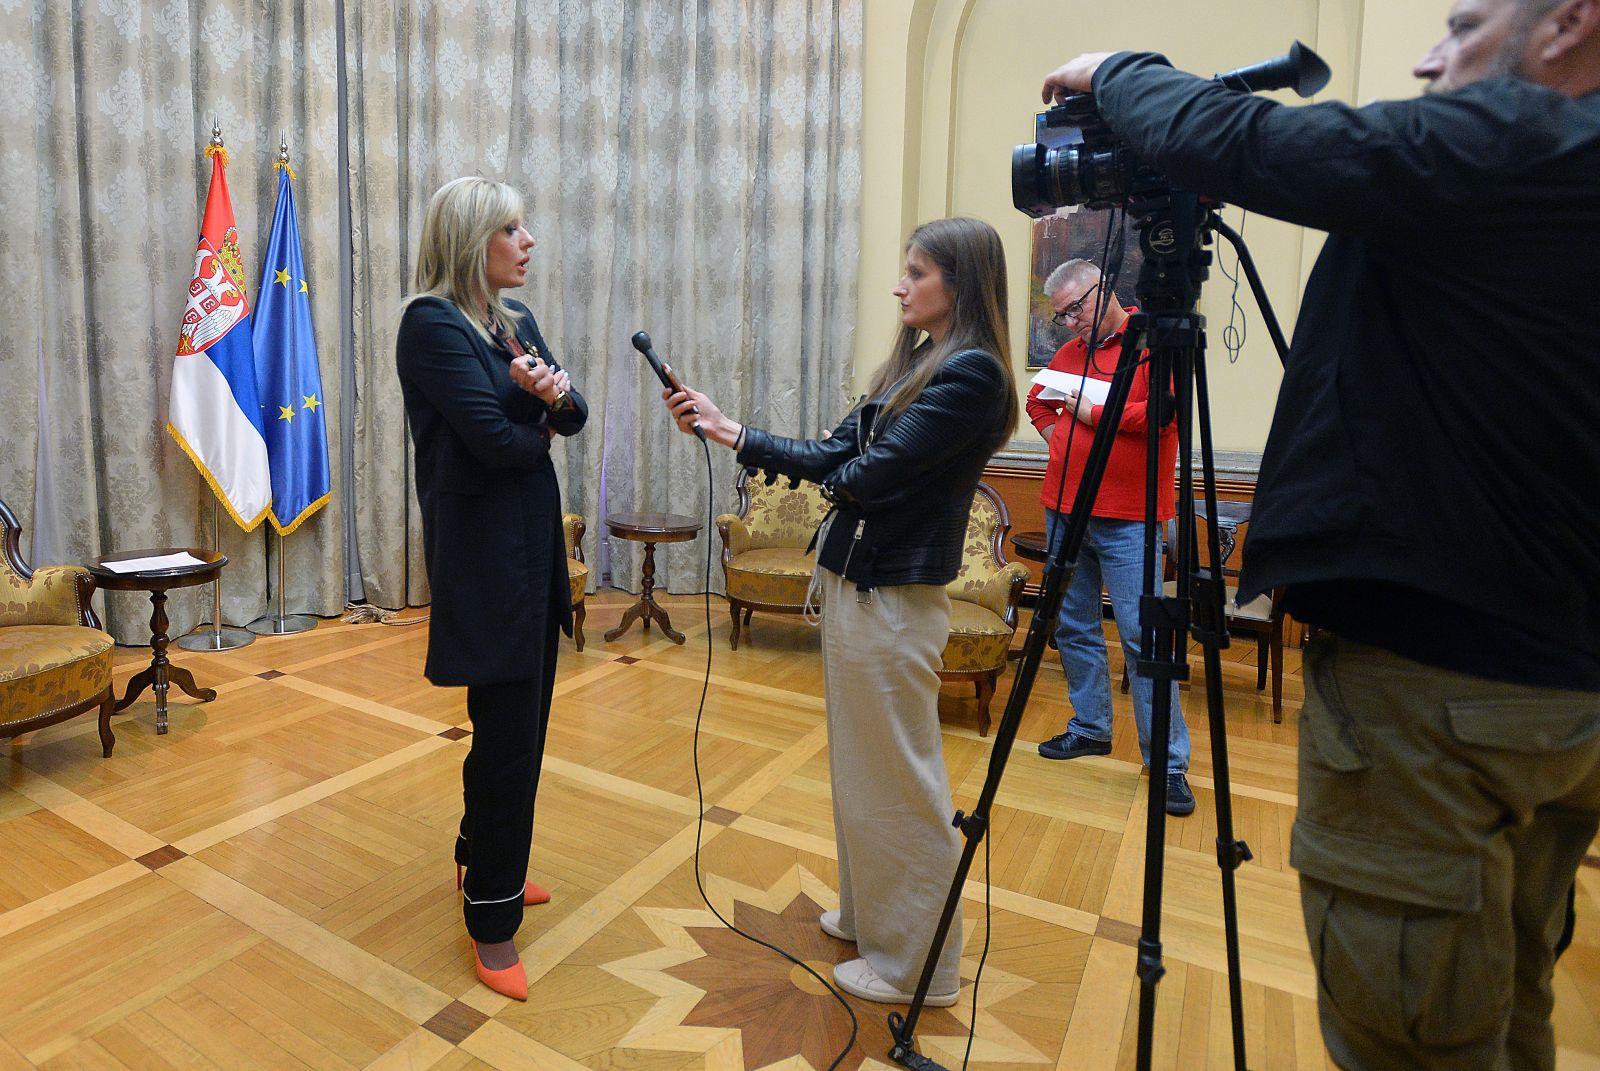 Ј. Јоксимовић: Верујем у опстанак кредибилне политике проширења